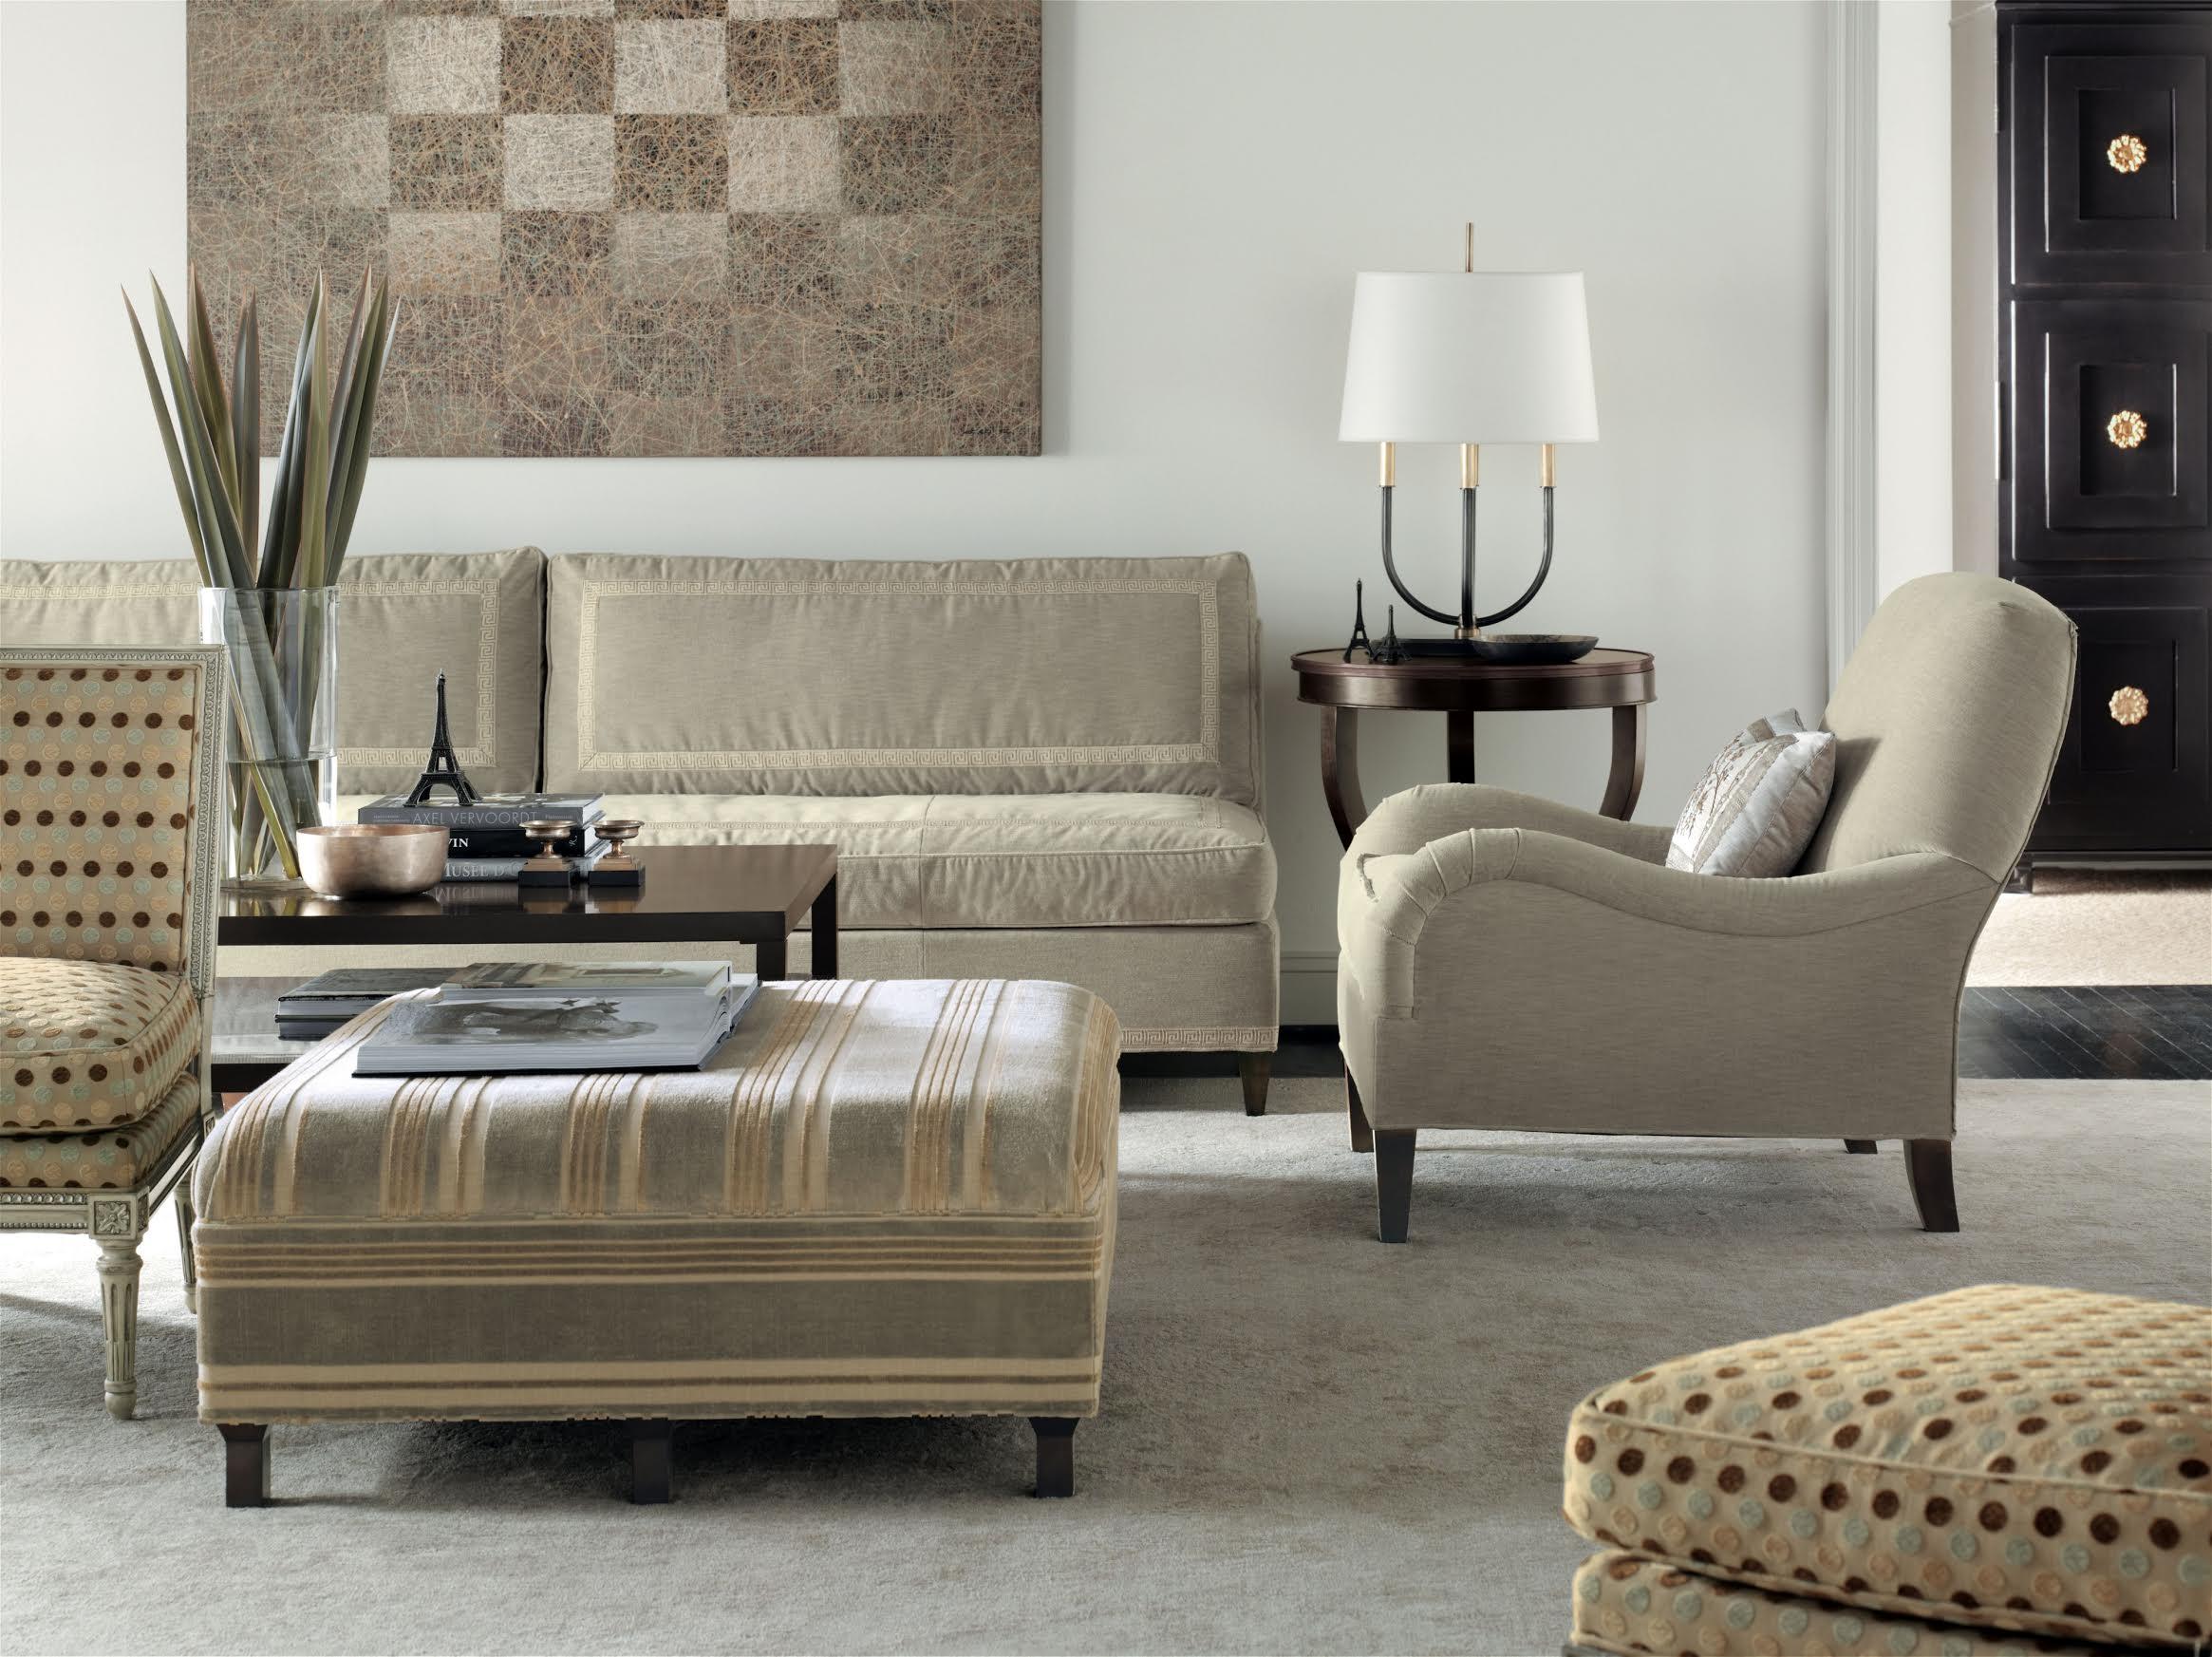 Gasior's Furniture & Interior Design image 9